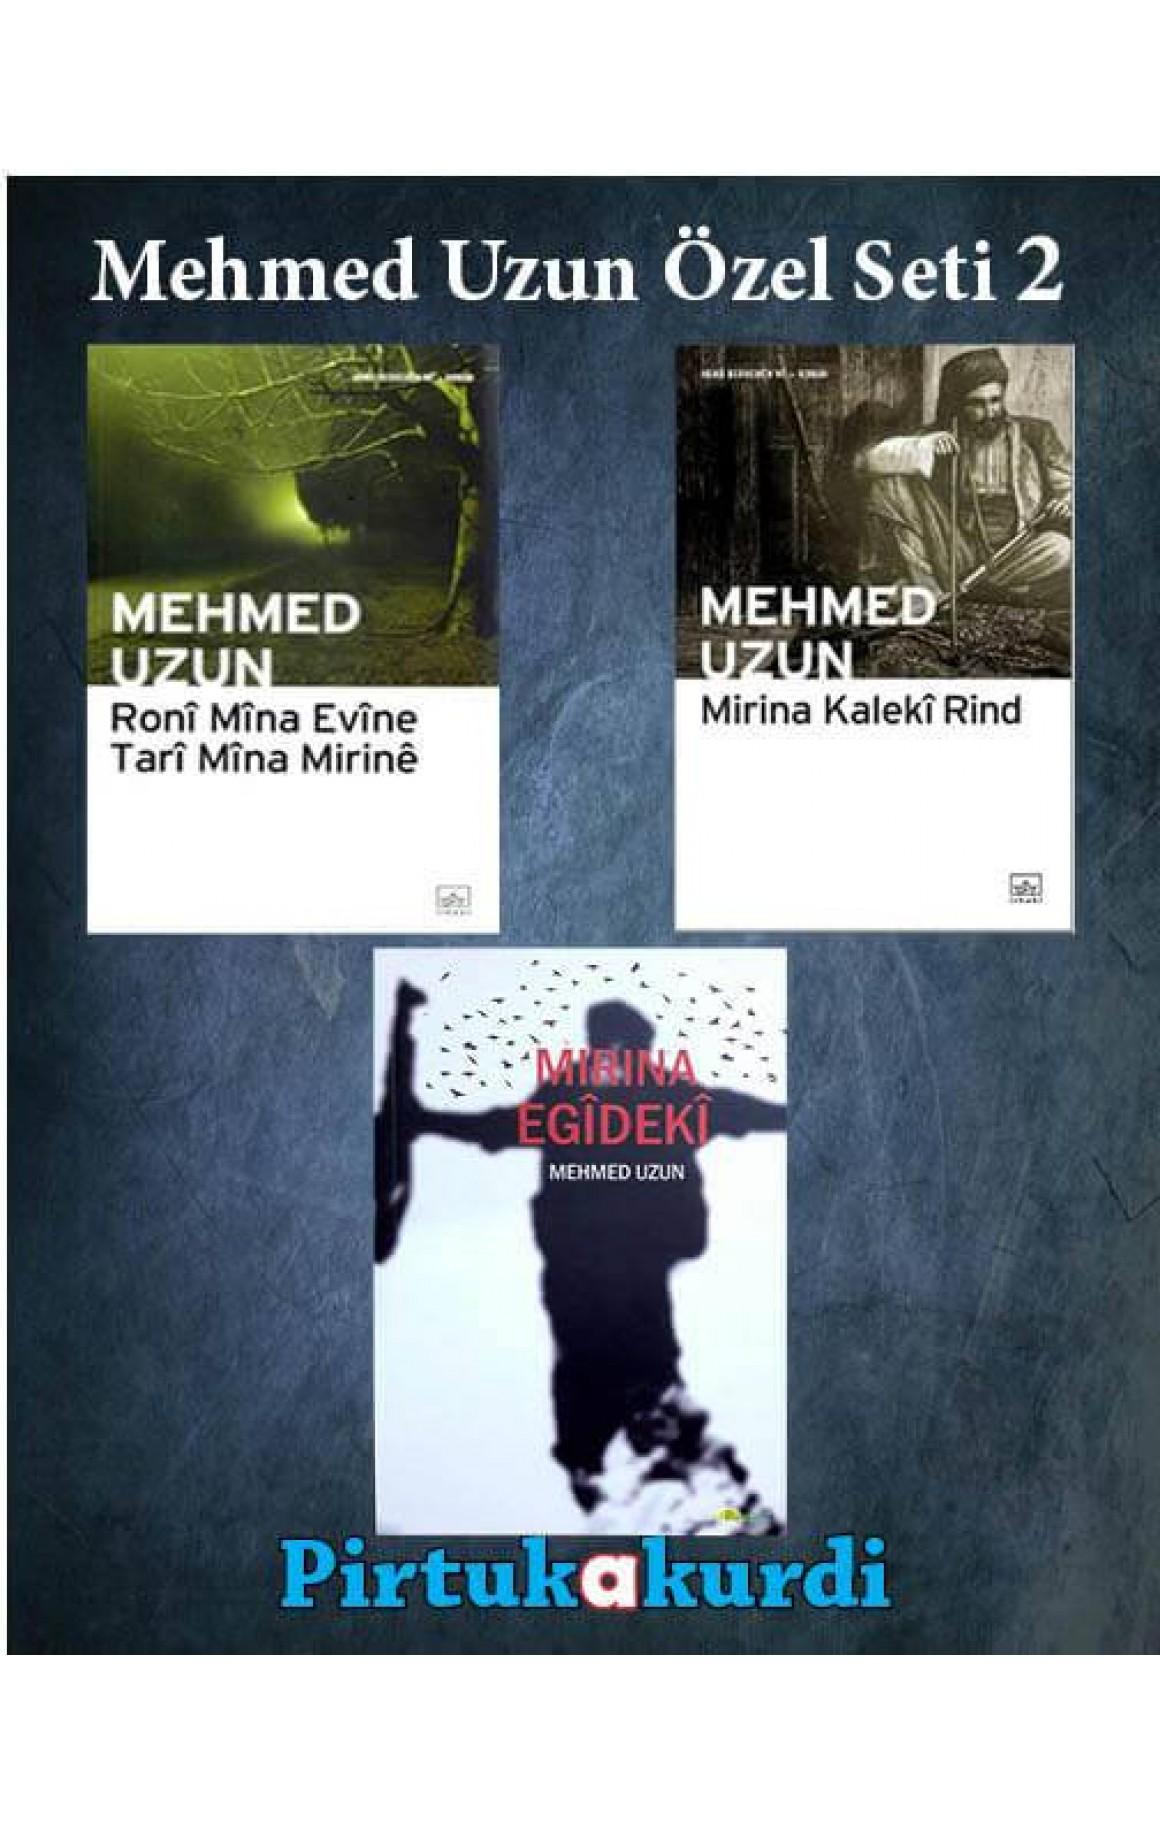 Mehmed Uzun Roman Şiir Seti